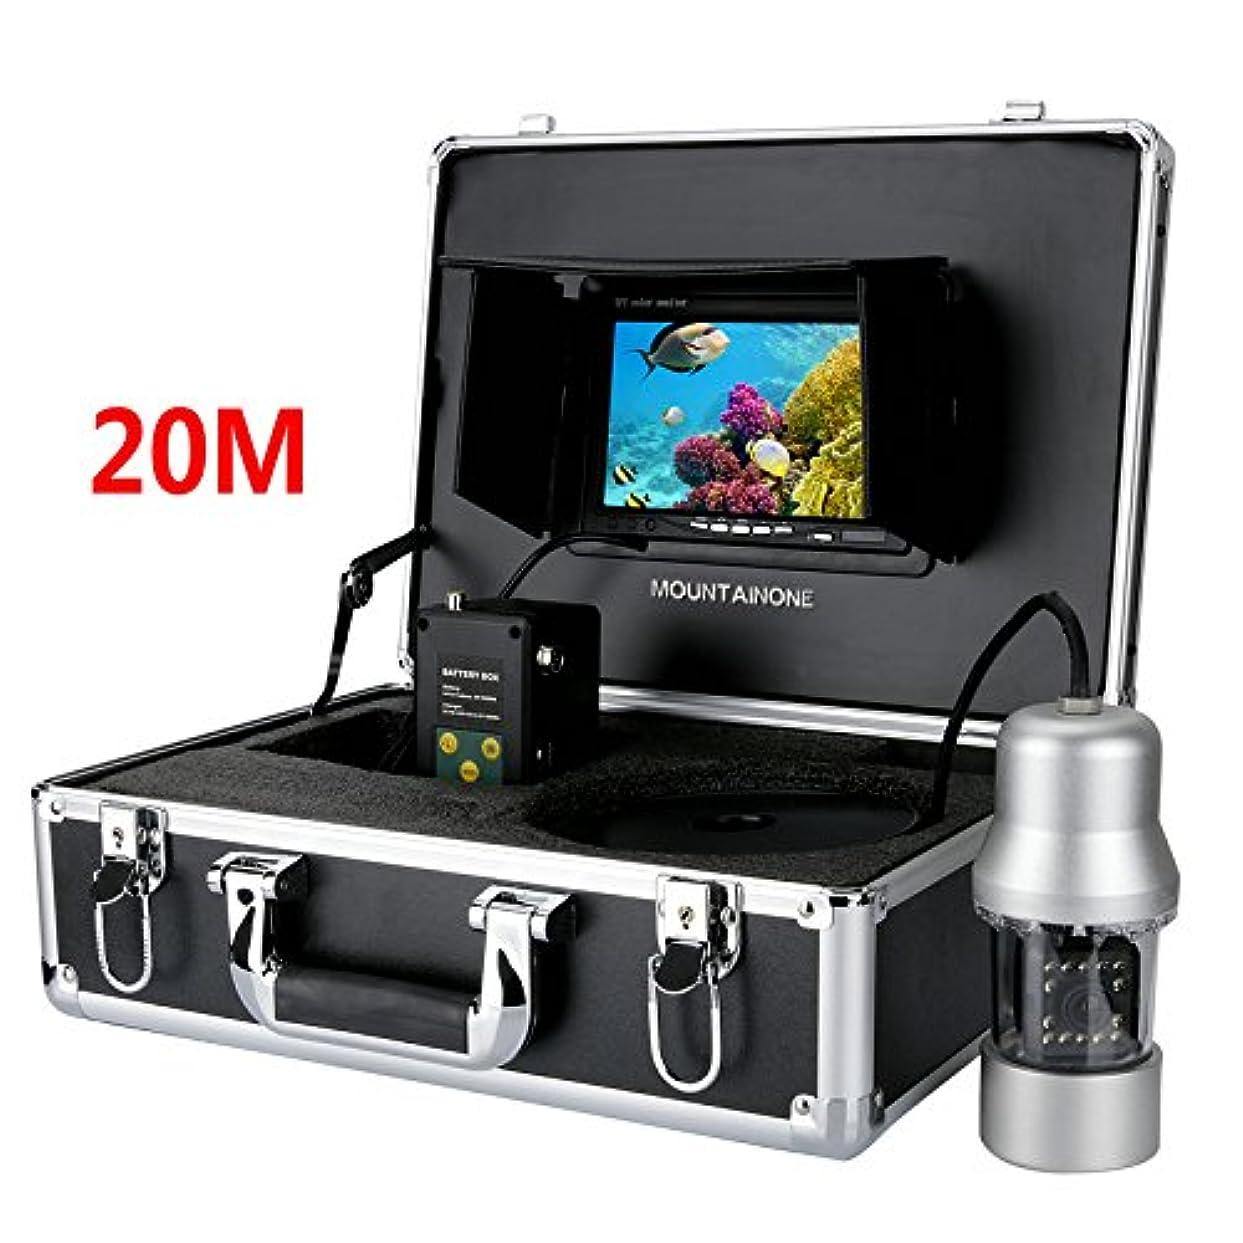 疑問に思うイタリアの変更1/3インチCCD水中釣りカメラ - 360度ビュー、リモコン、7インチLCDモニター14倍ホワイトライト